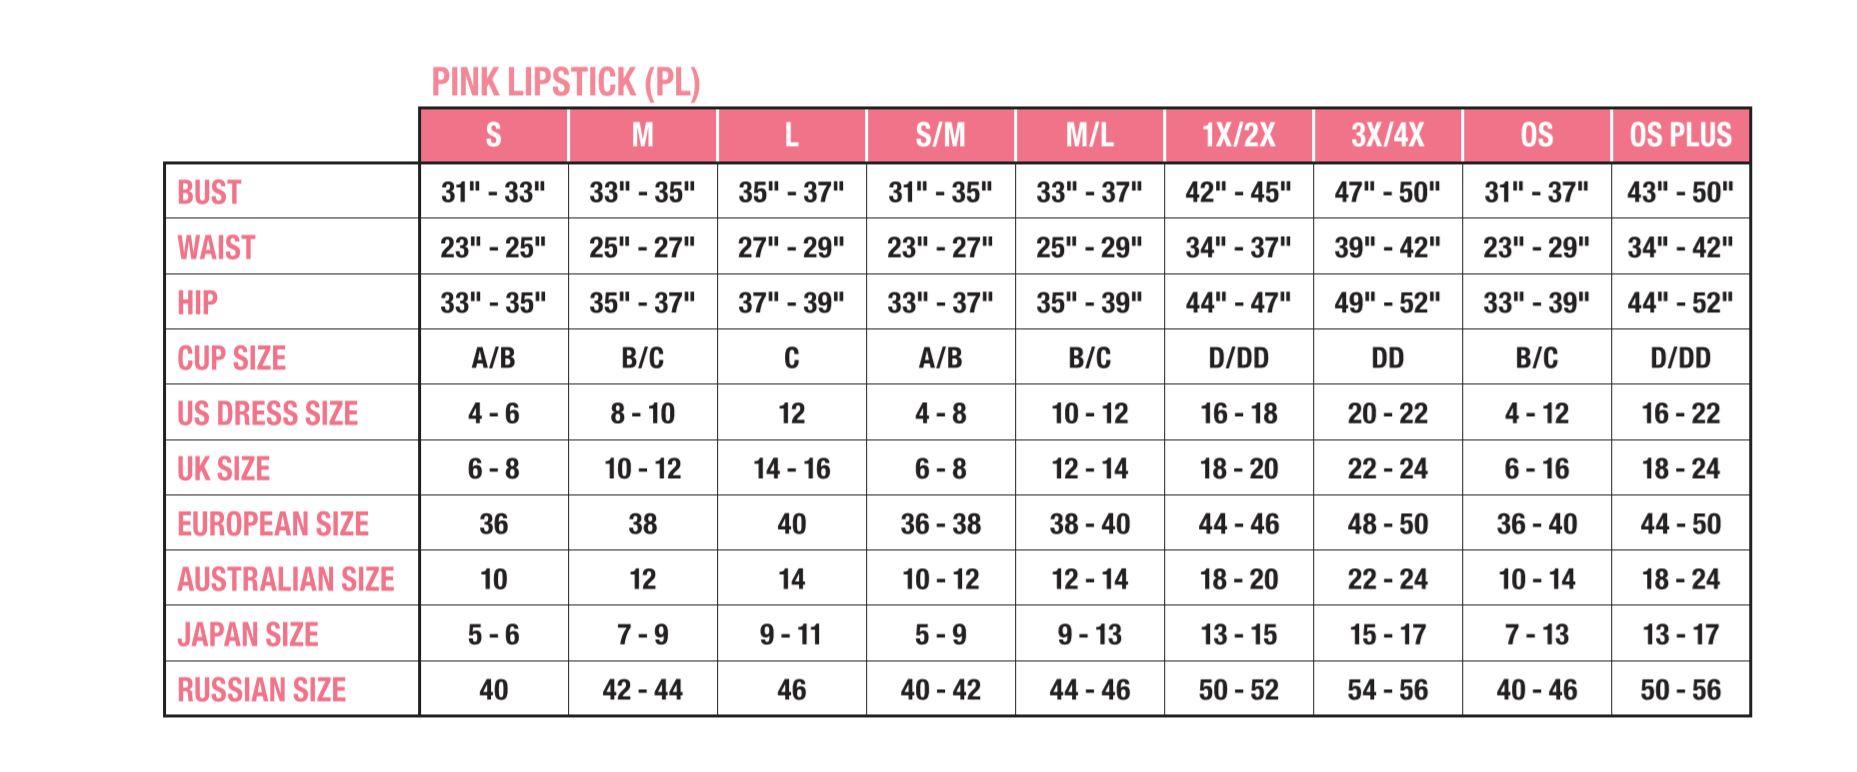 pink-lipstick-size-chart.jpg